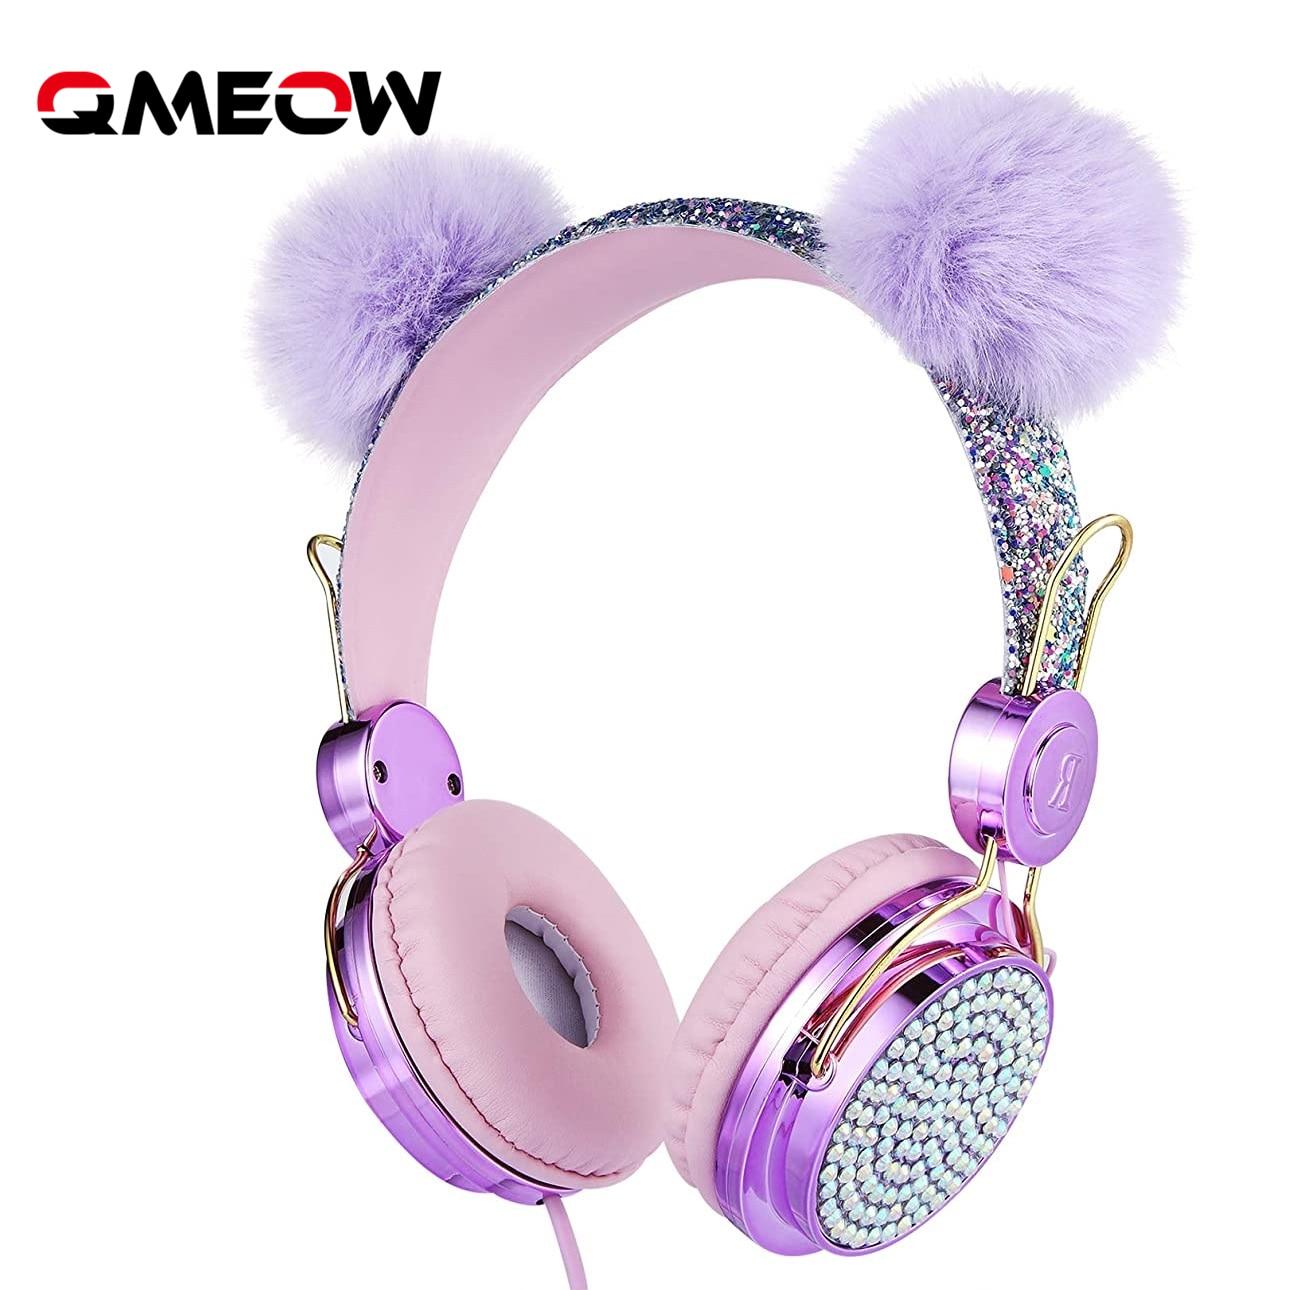 Crianças com Fio Fone de Ouvido com Microfone Estéreo do Computador do Telefone Presente da Menina Bonito Música Móvel Gamer Gato Fones 3.5mm